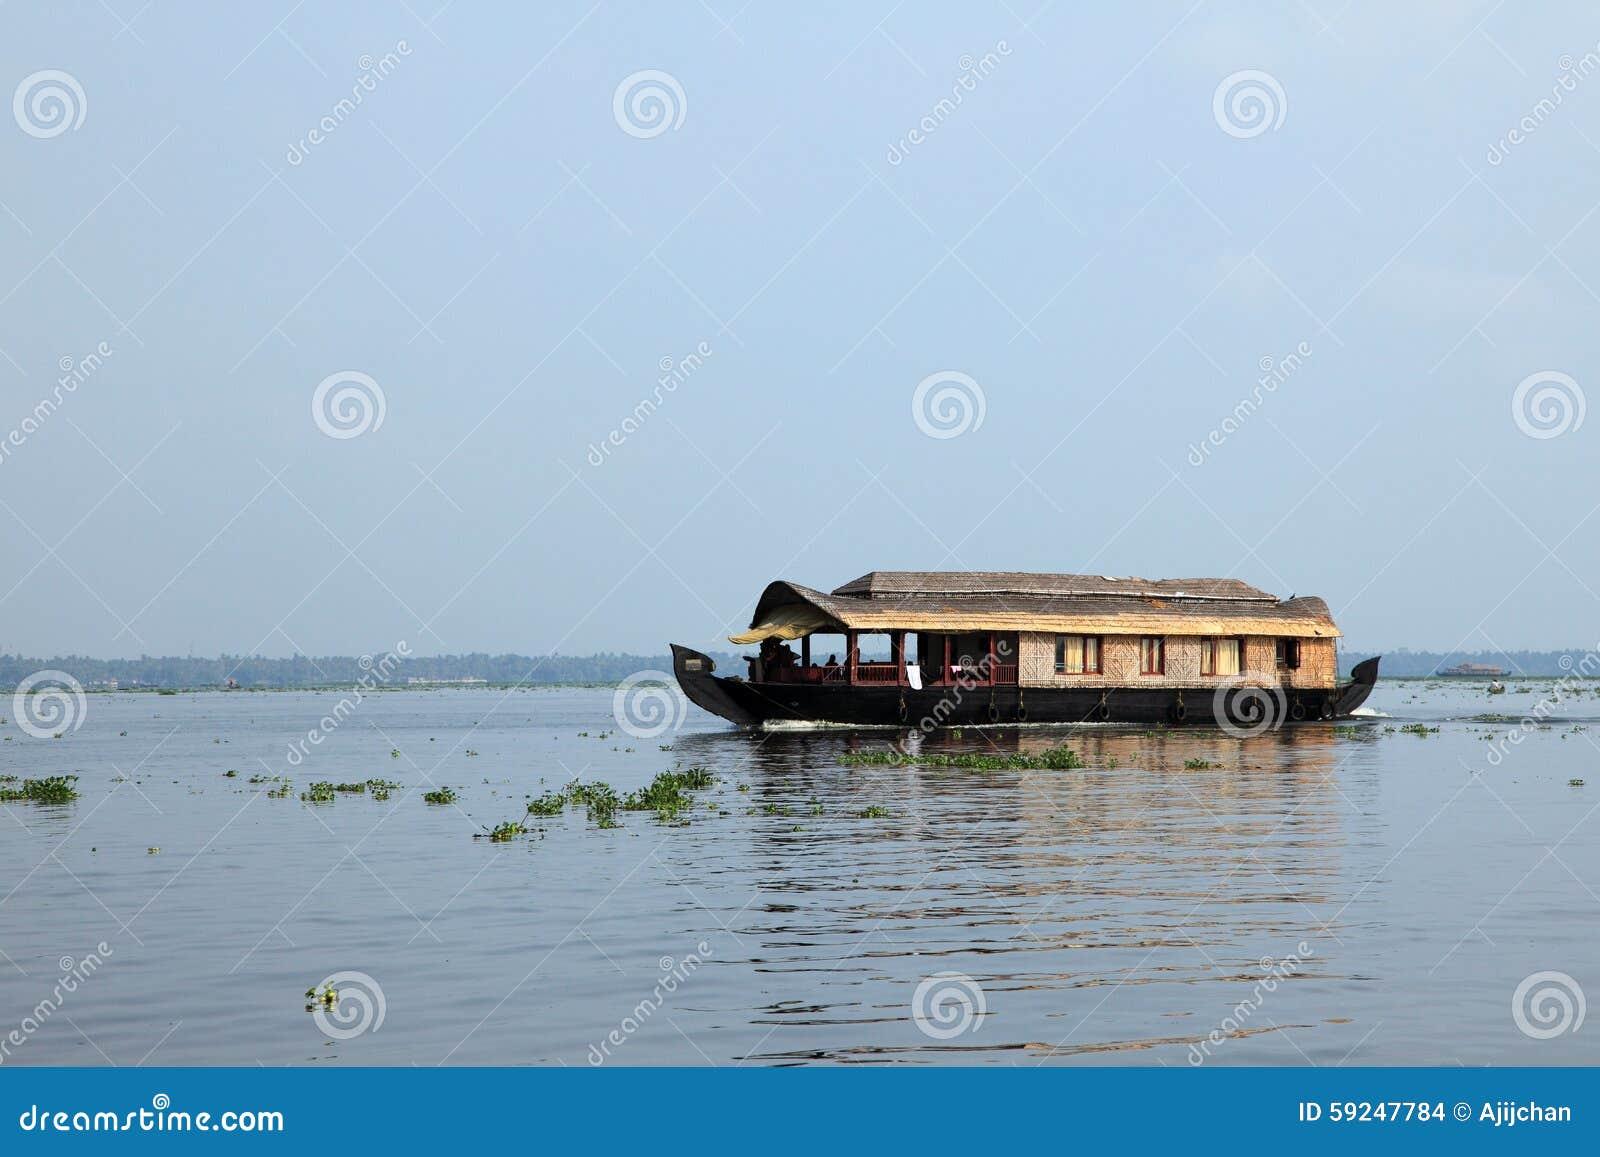 Un barco de casa transporta a turistas alrededor de los remansos